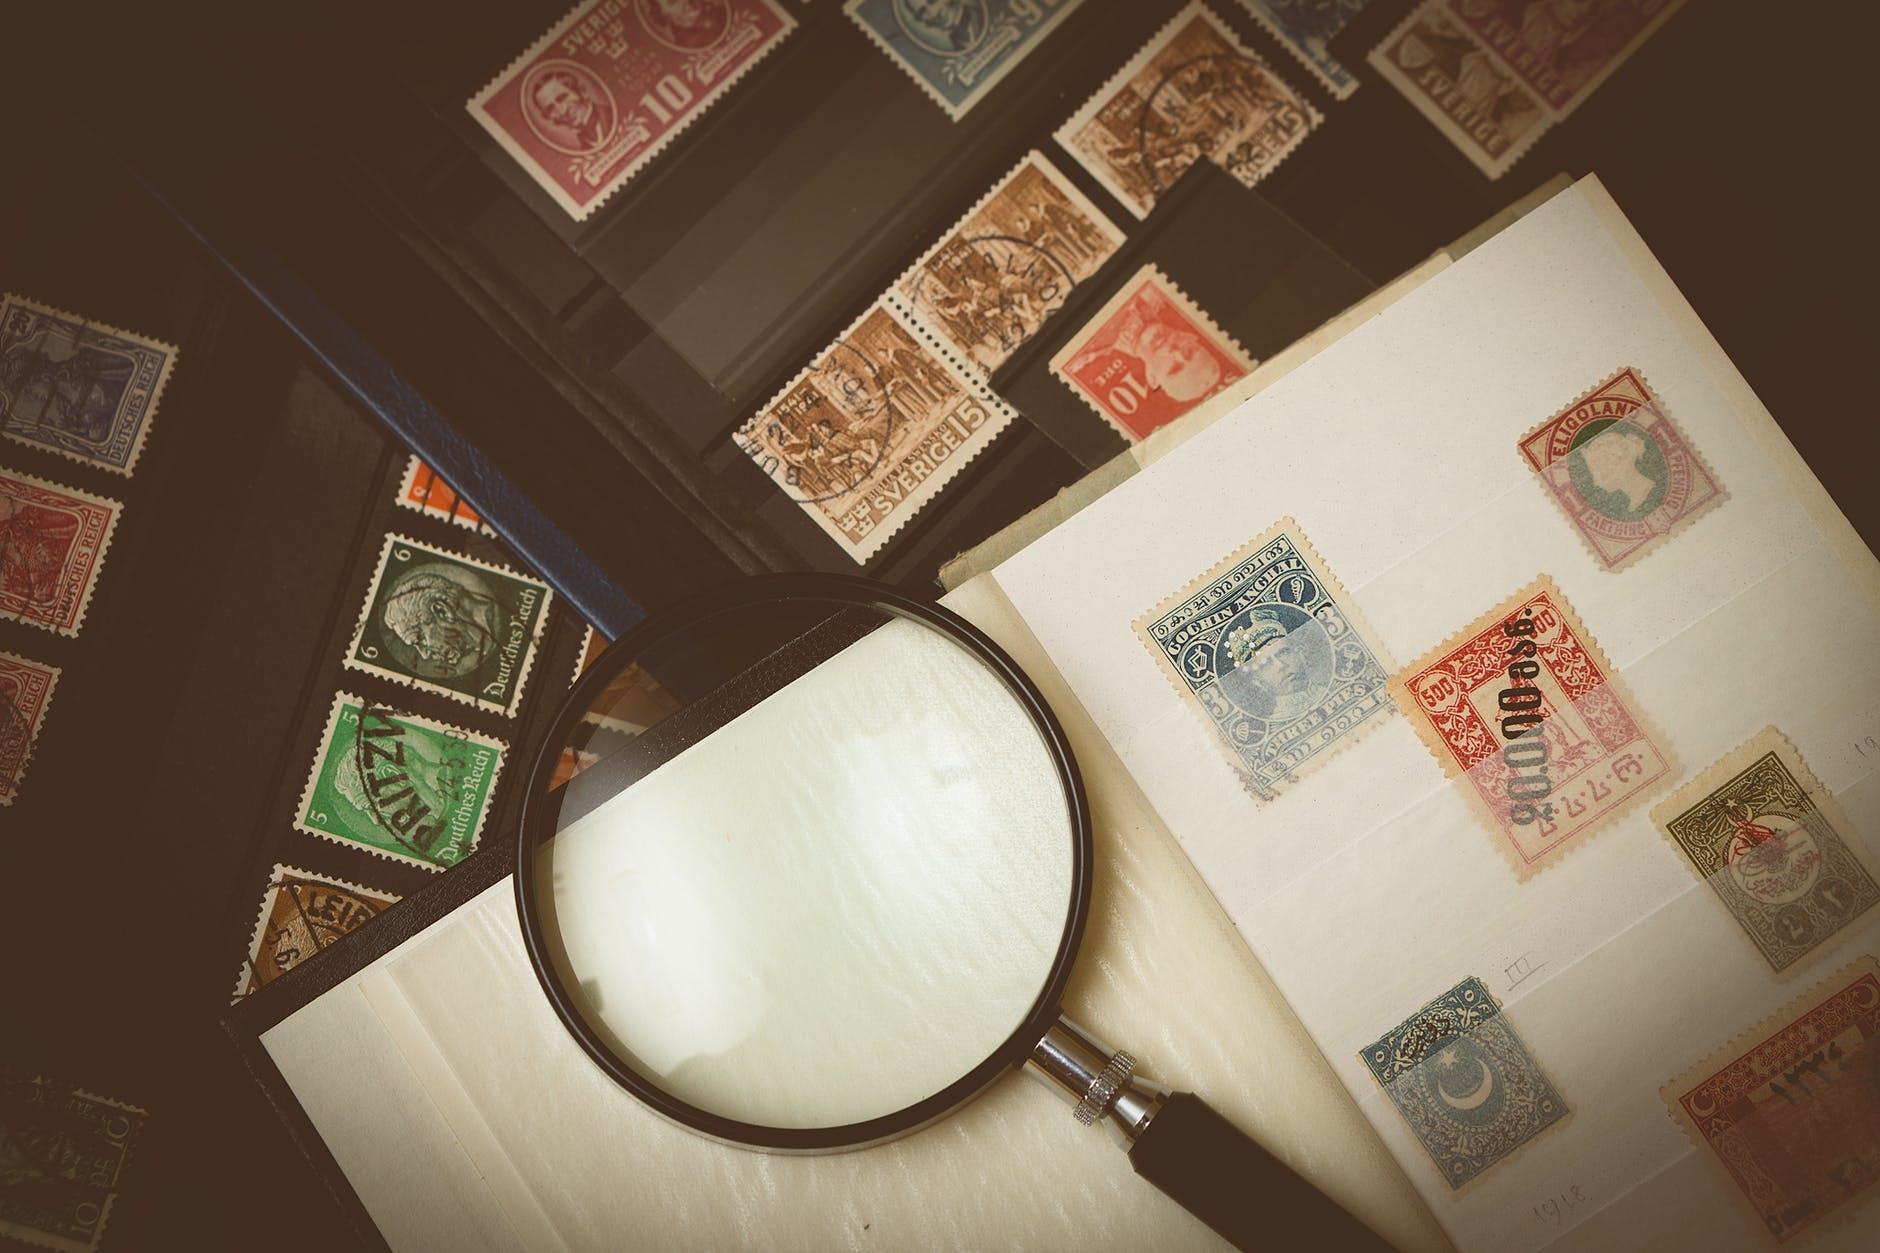 Почтовые марки как идеологическое оружие